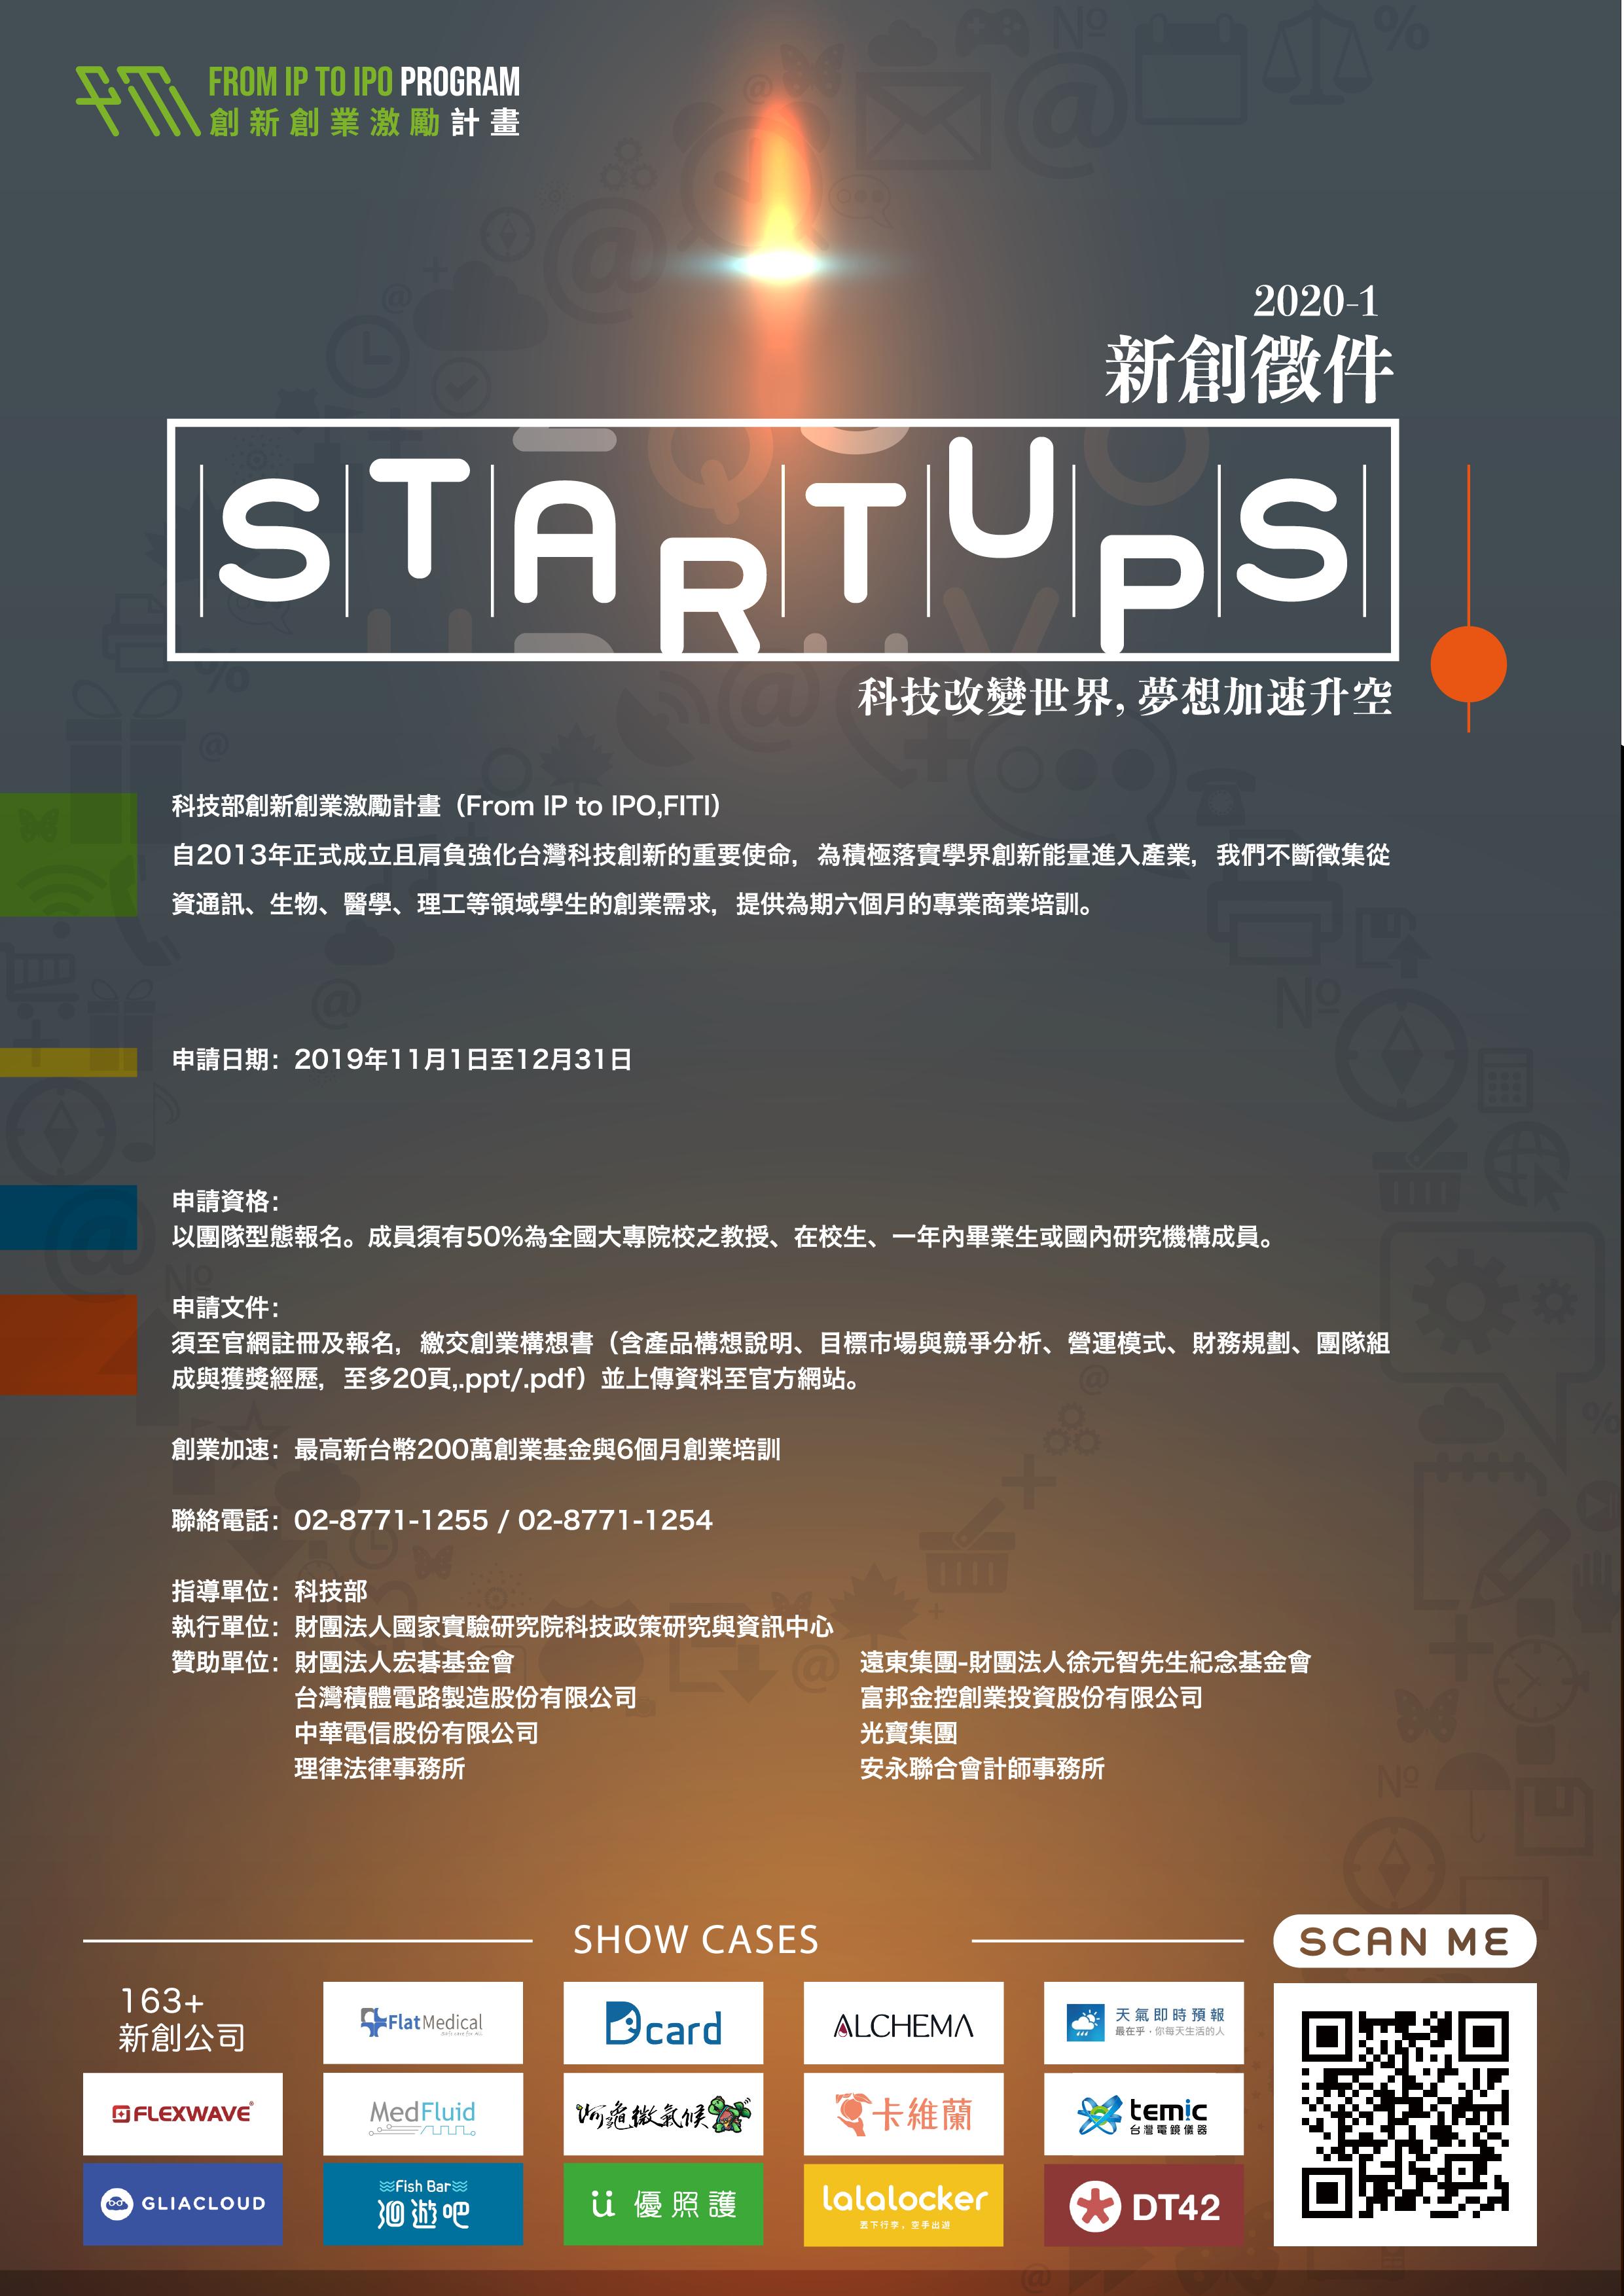 「2018 ICSB World Congress世界中小企業暨創業家年會」-研討會徵稿海報